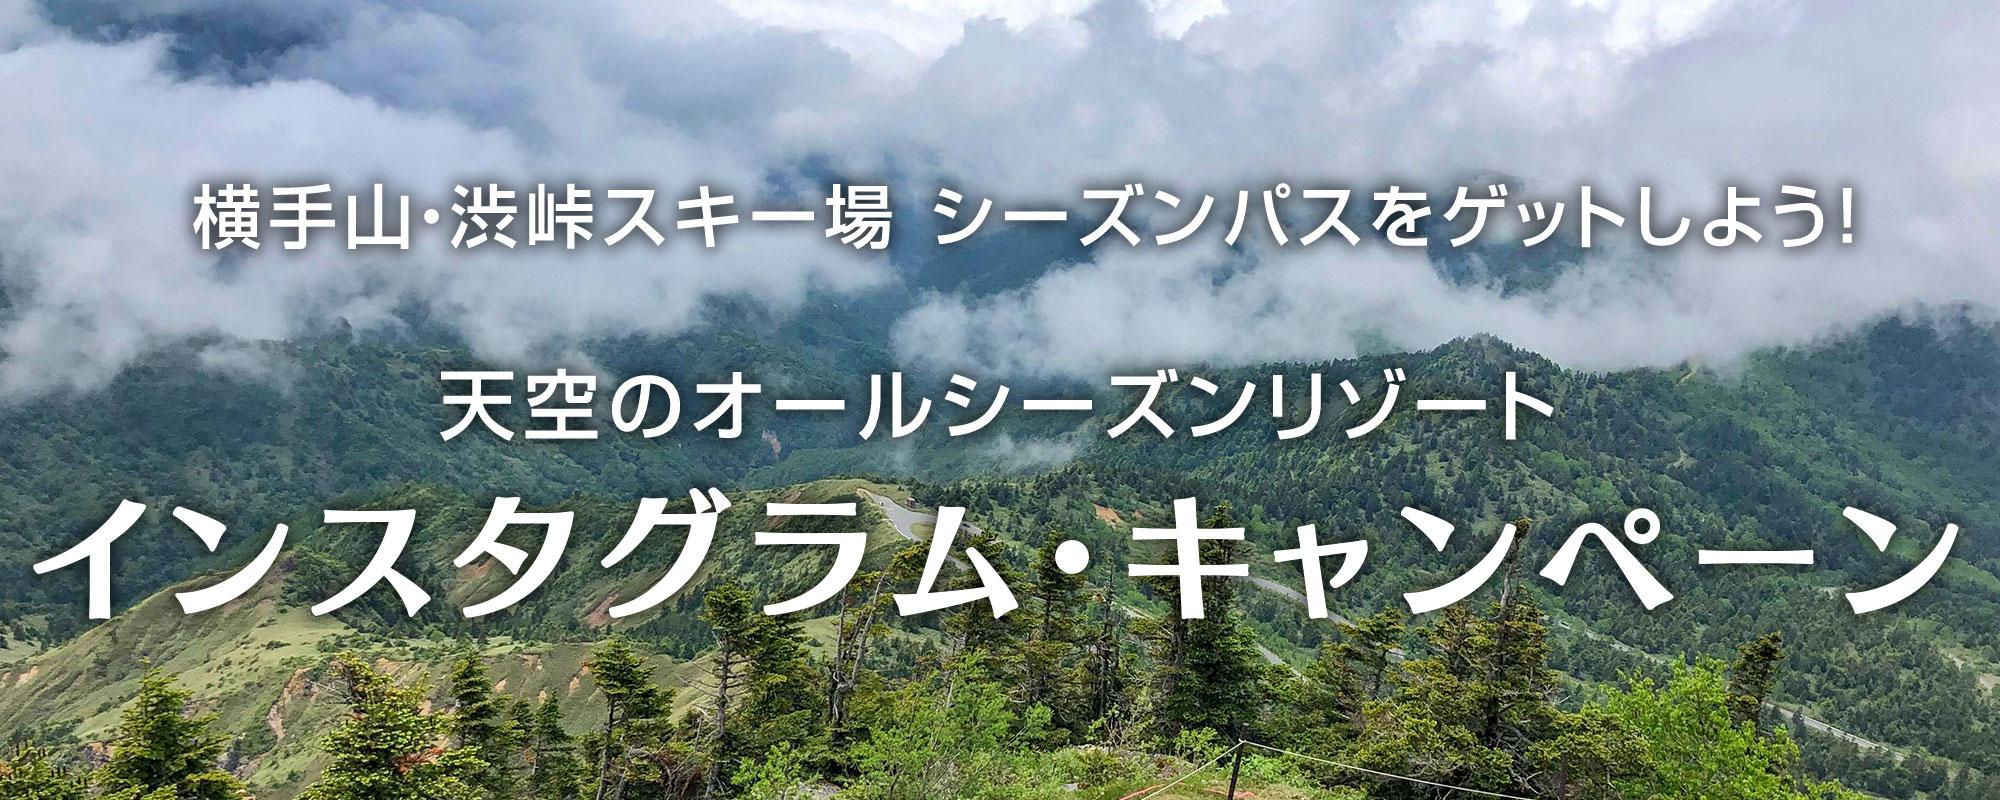 横手山・渋峠スキー場 シーズンパスをゲットしよう! 天空のウィンターリゾート インスタグラム・キャンペーン